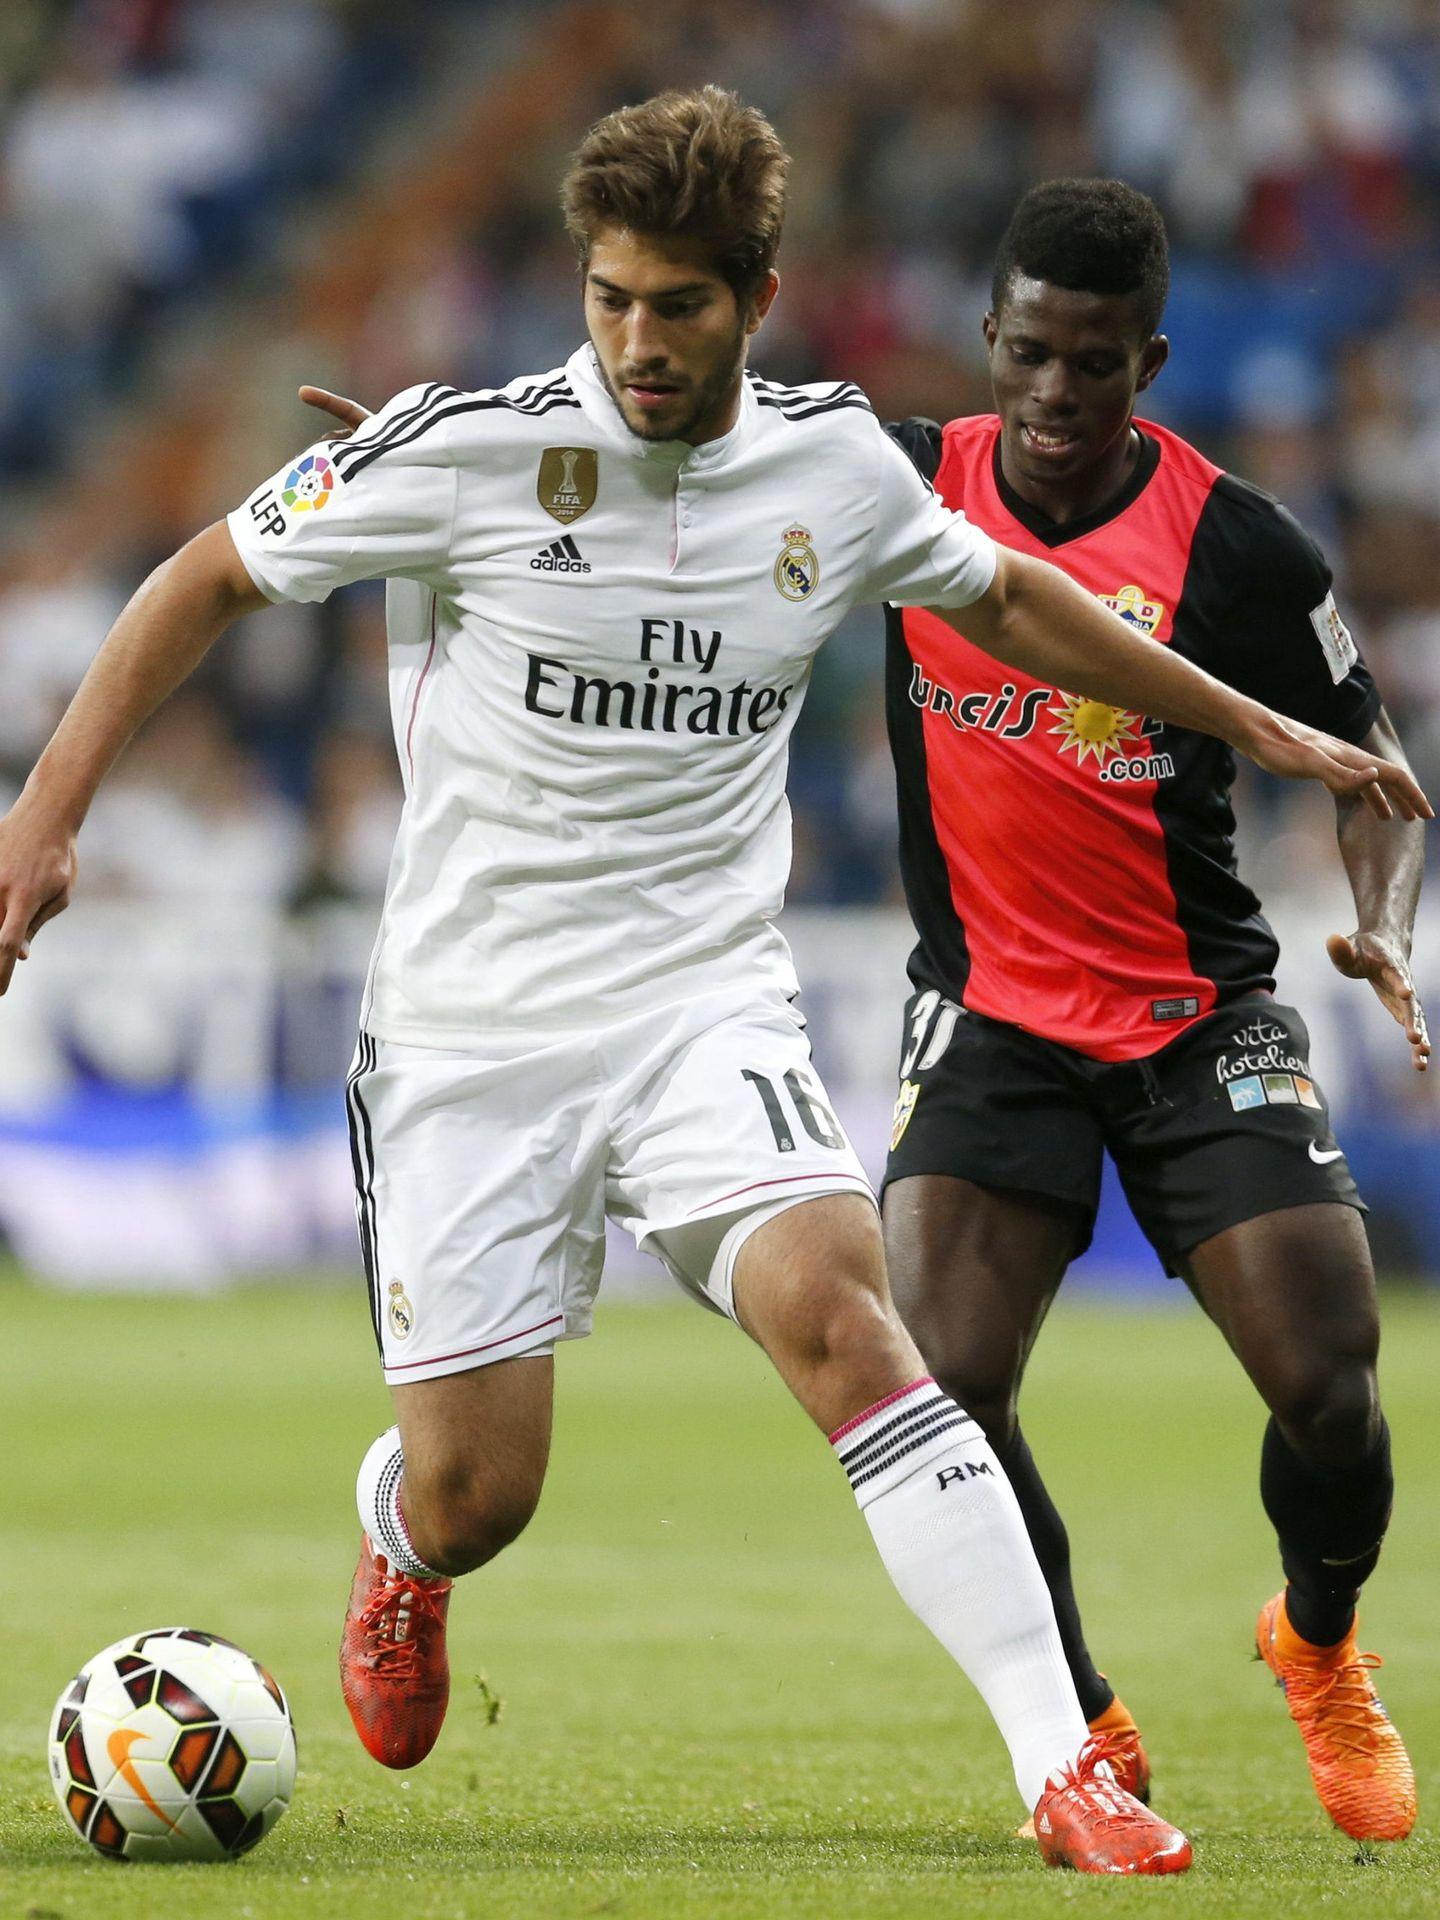 El último partido de Lucas Silva con el Real Madrid fue el 29 de abril de 2015 contra el Almería. (EFE)